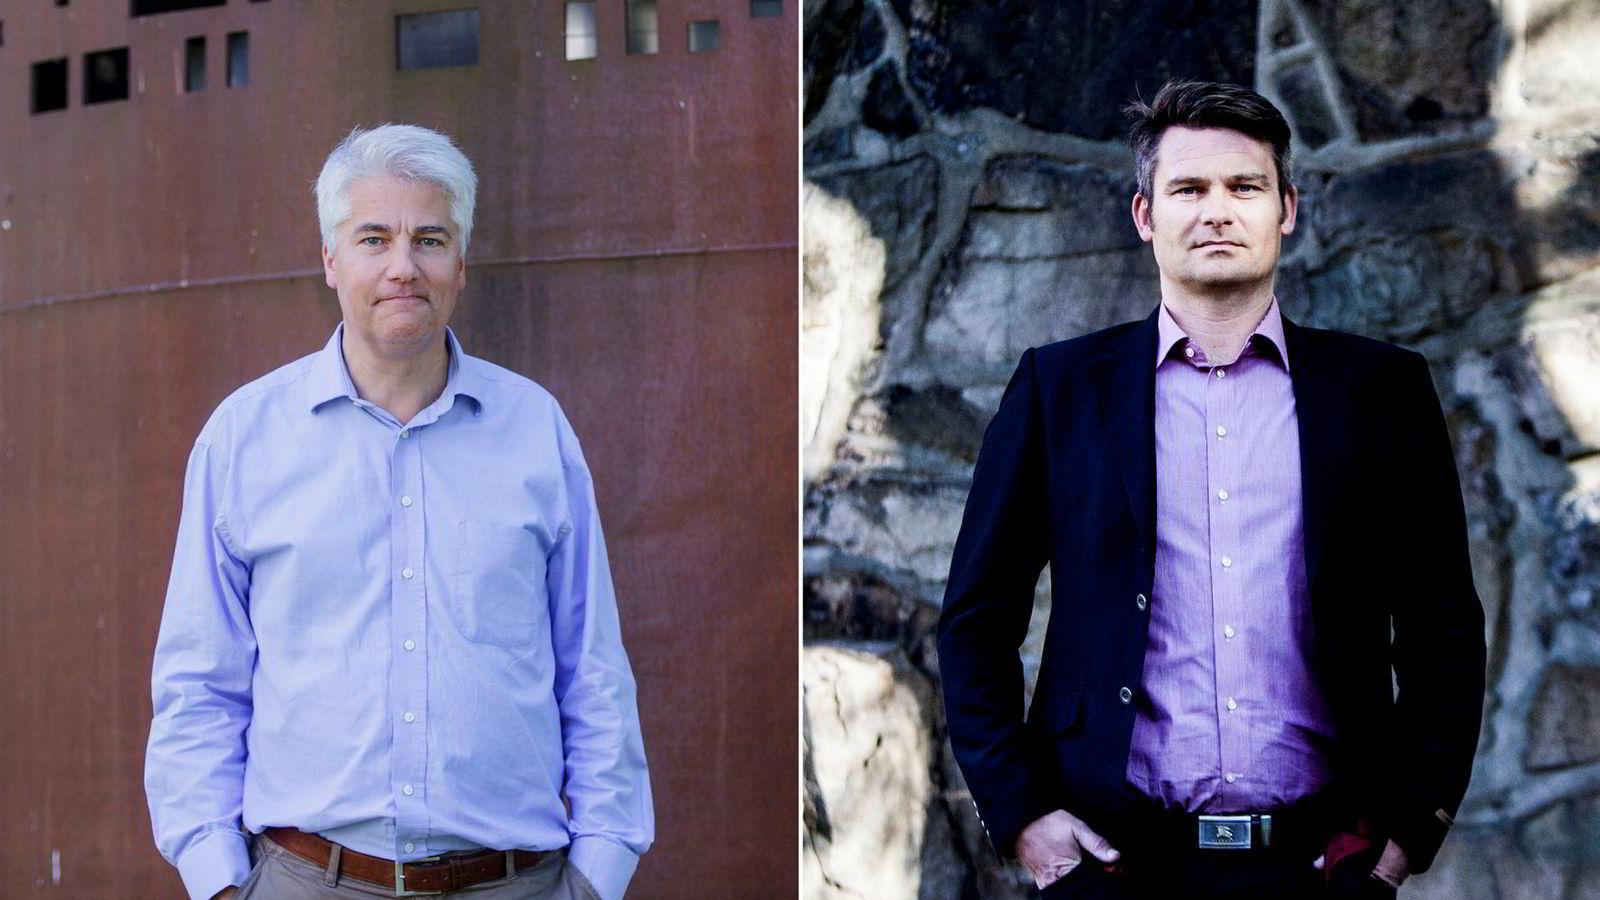 Øystein Dørum og Roger Bjørnstad er sjeføkonomer i henholdsvis NHO og LO.